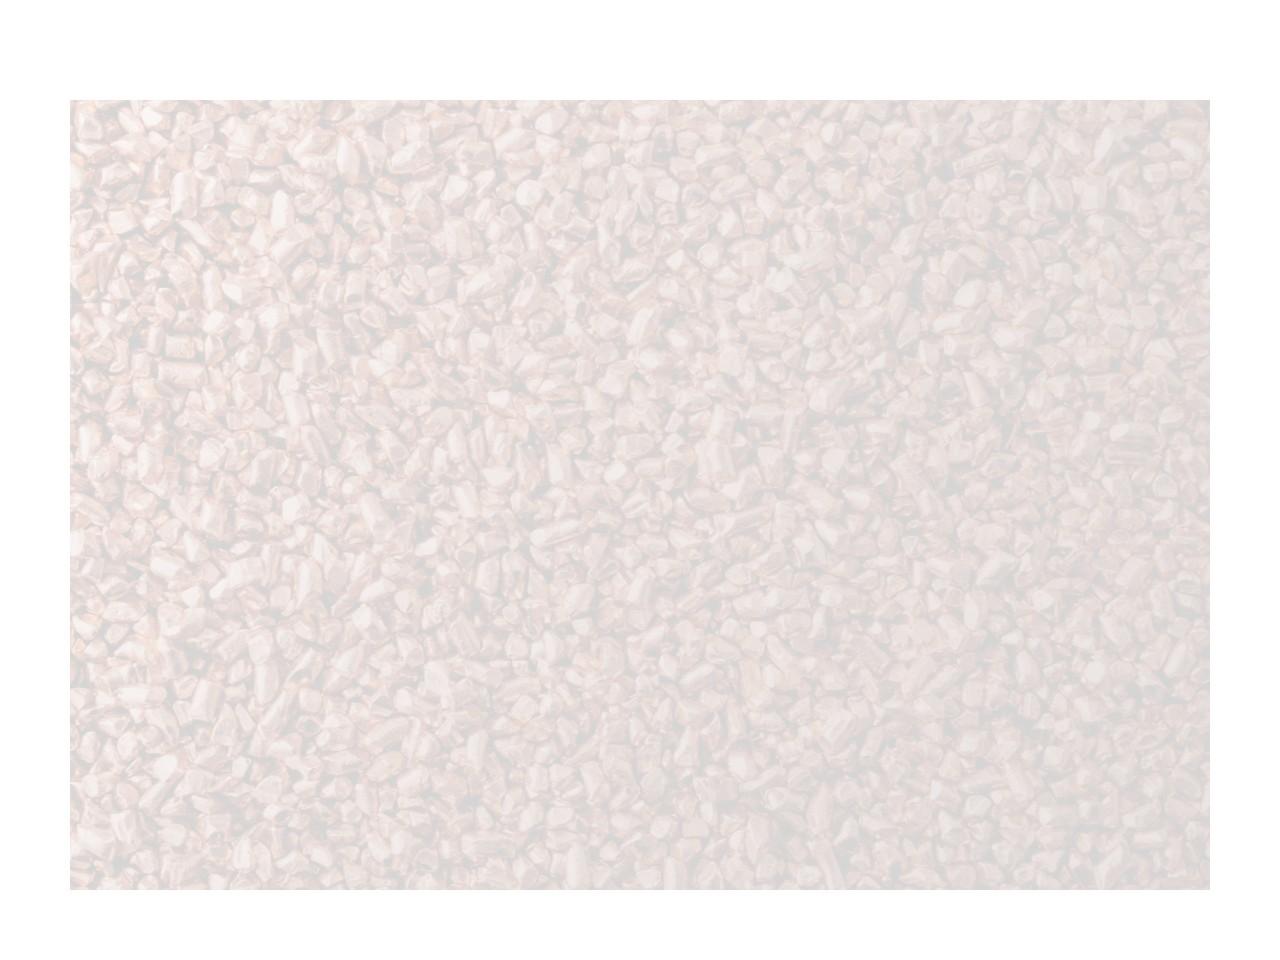 三重県桑名市の被覆電線・銅線の買取リサイクル専門業者|株式会社カネマツ産業 公式ホームページ